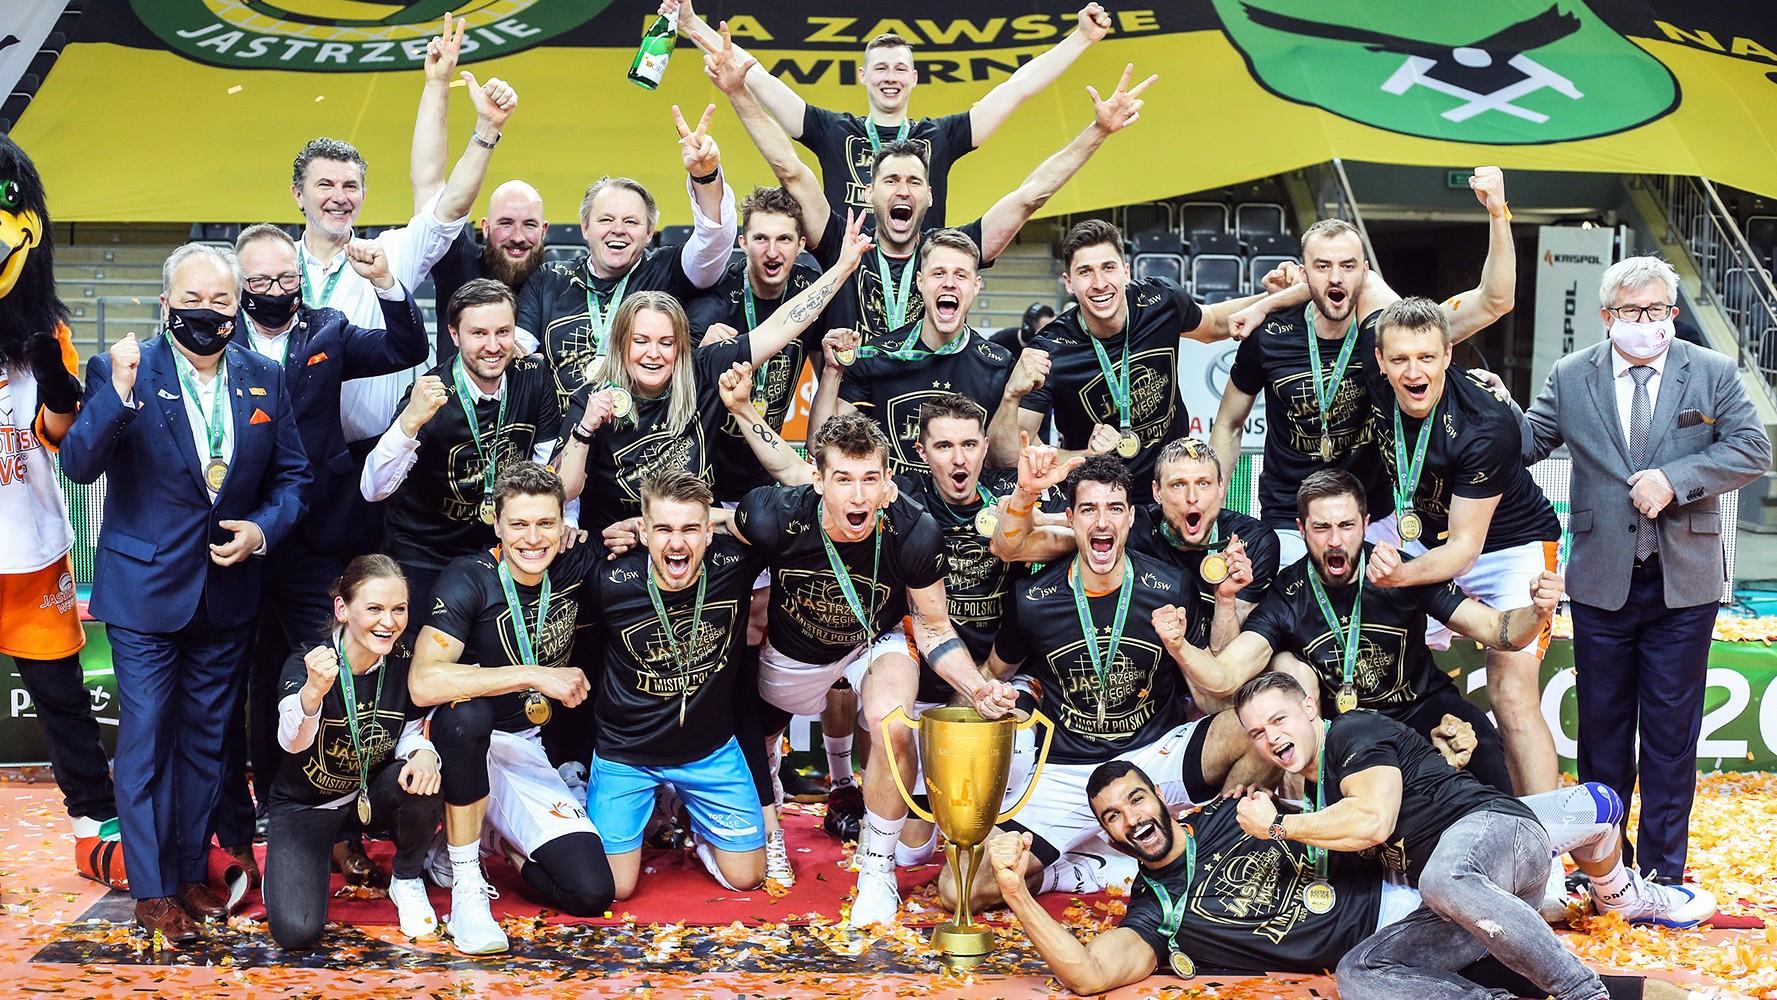 Finał Plusligi w Polsacie Sport hitem sportowego tygodnia